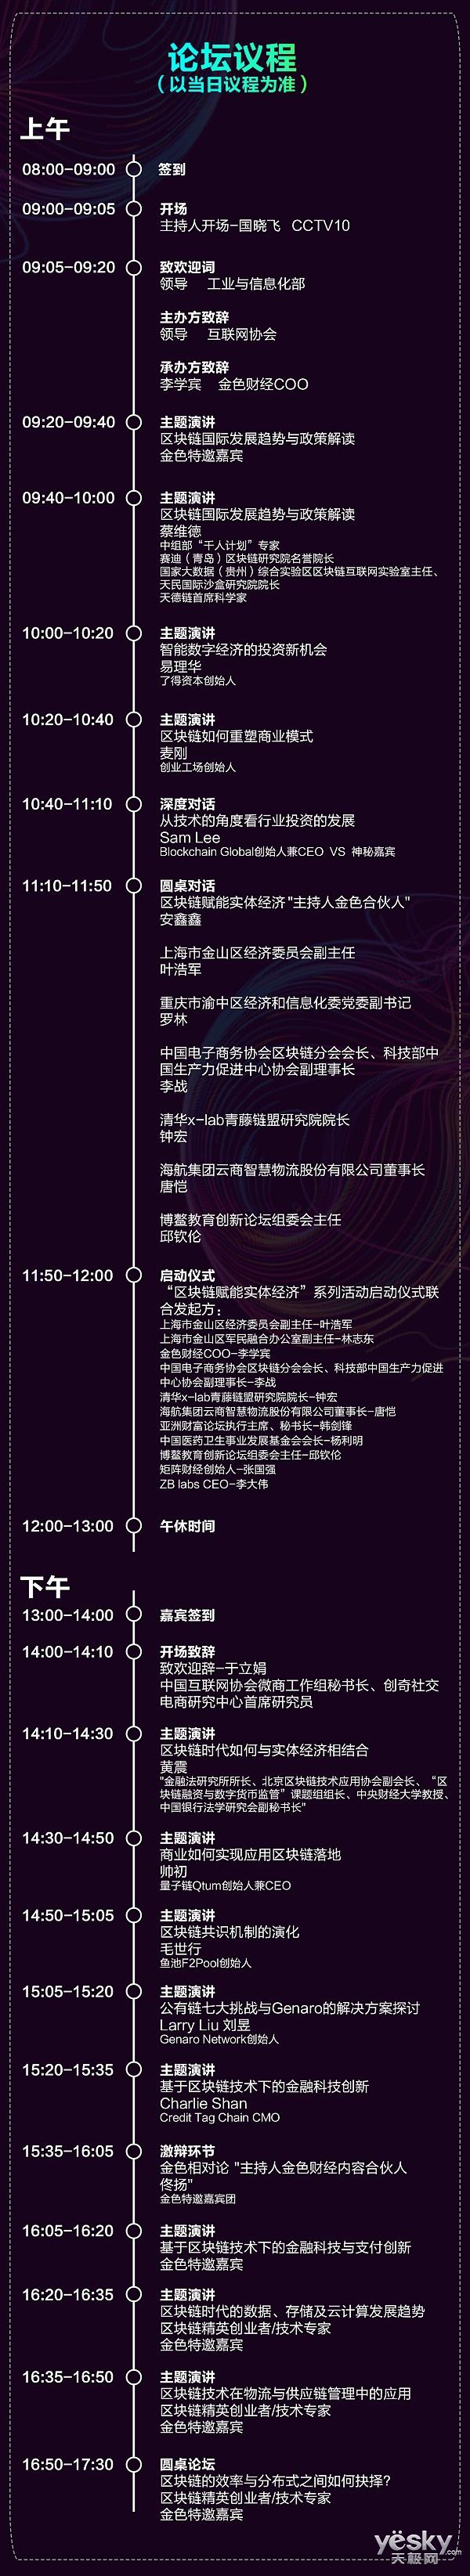 2018中国互联网大会,首届区块链论坛引关注